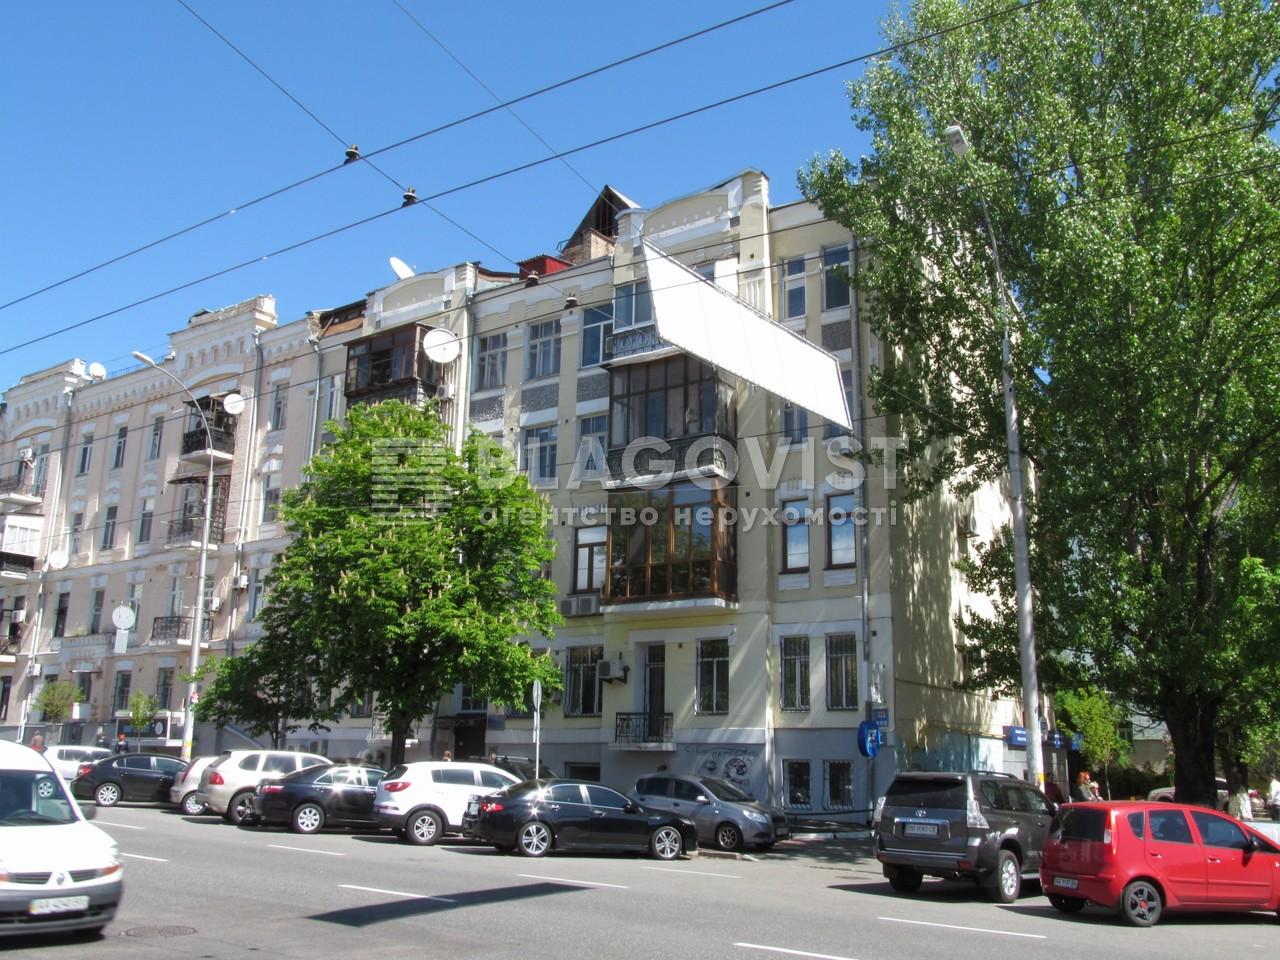 Квартира M-39167, Антоновича (Горького), 39, Киев - Фото 3